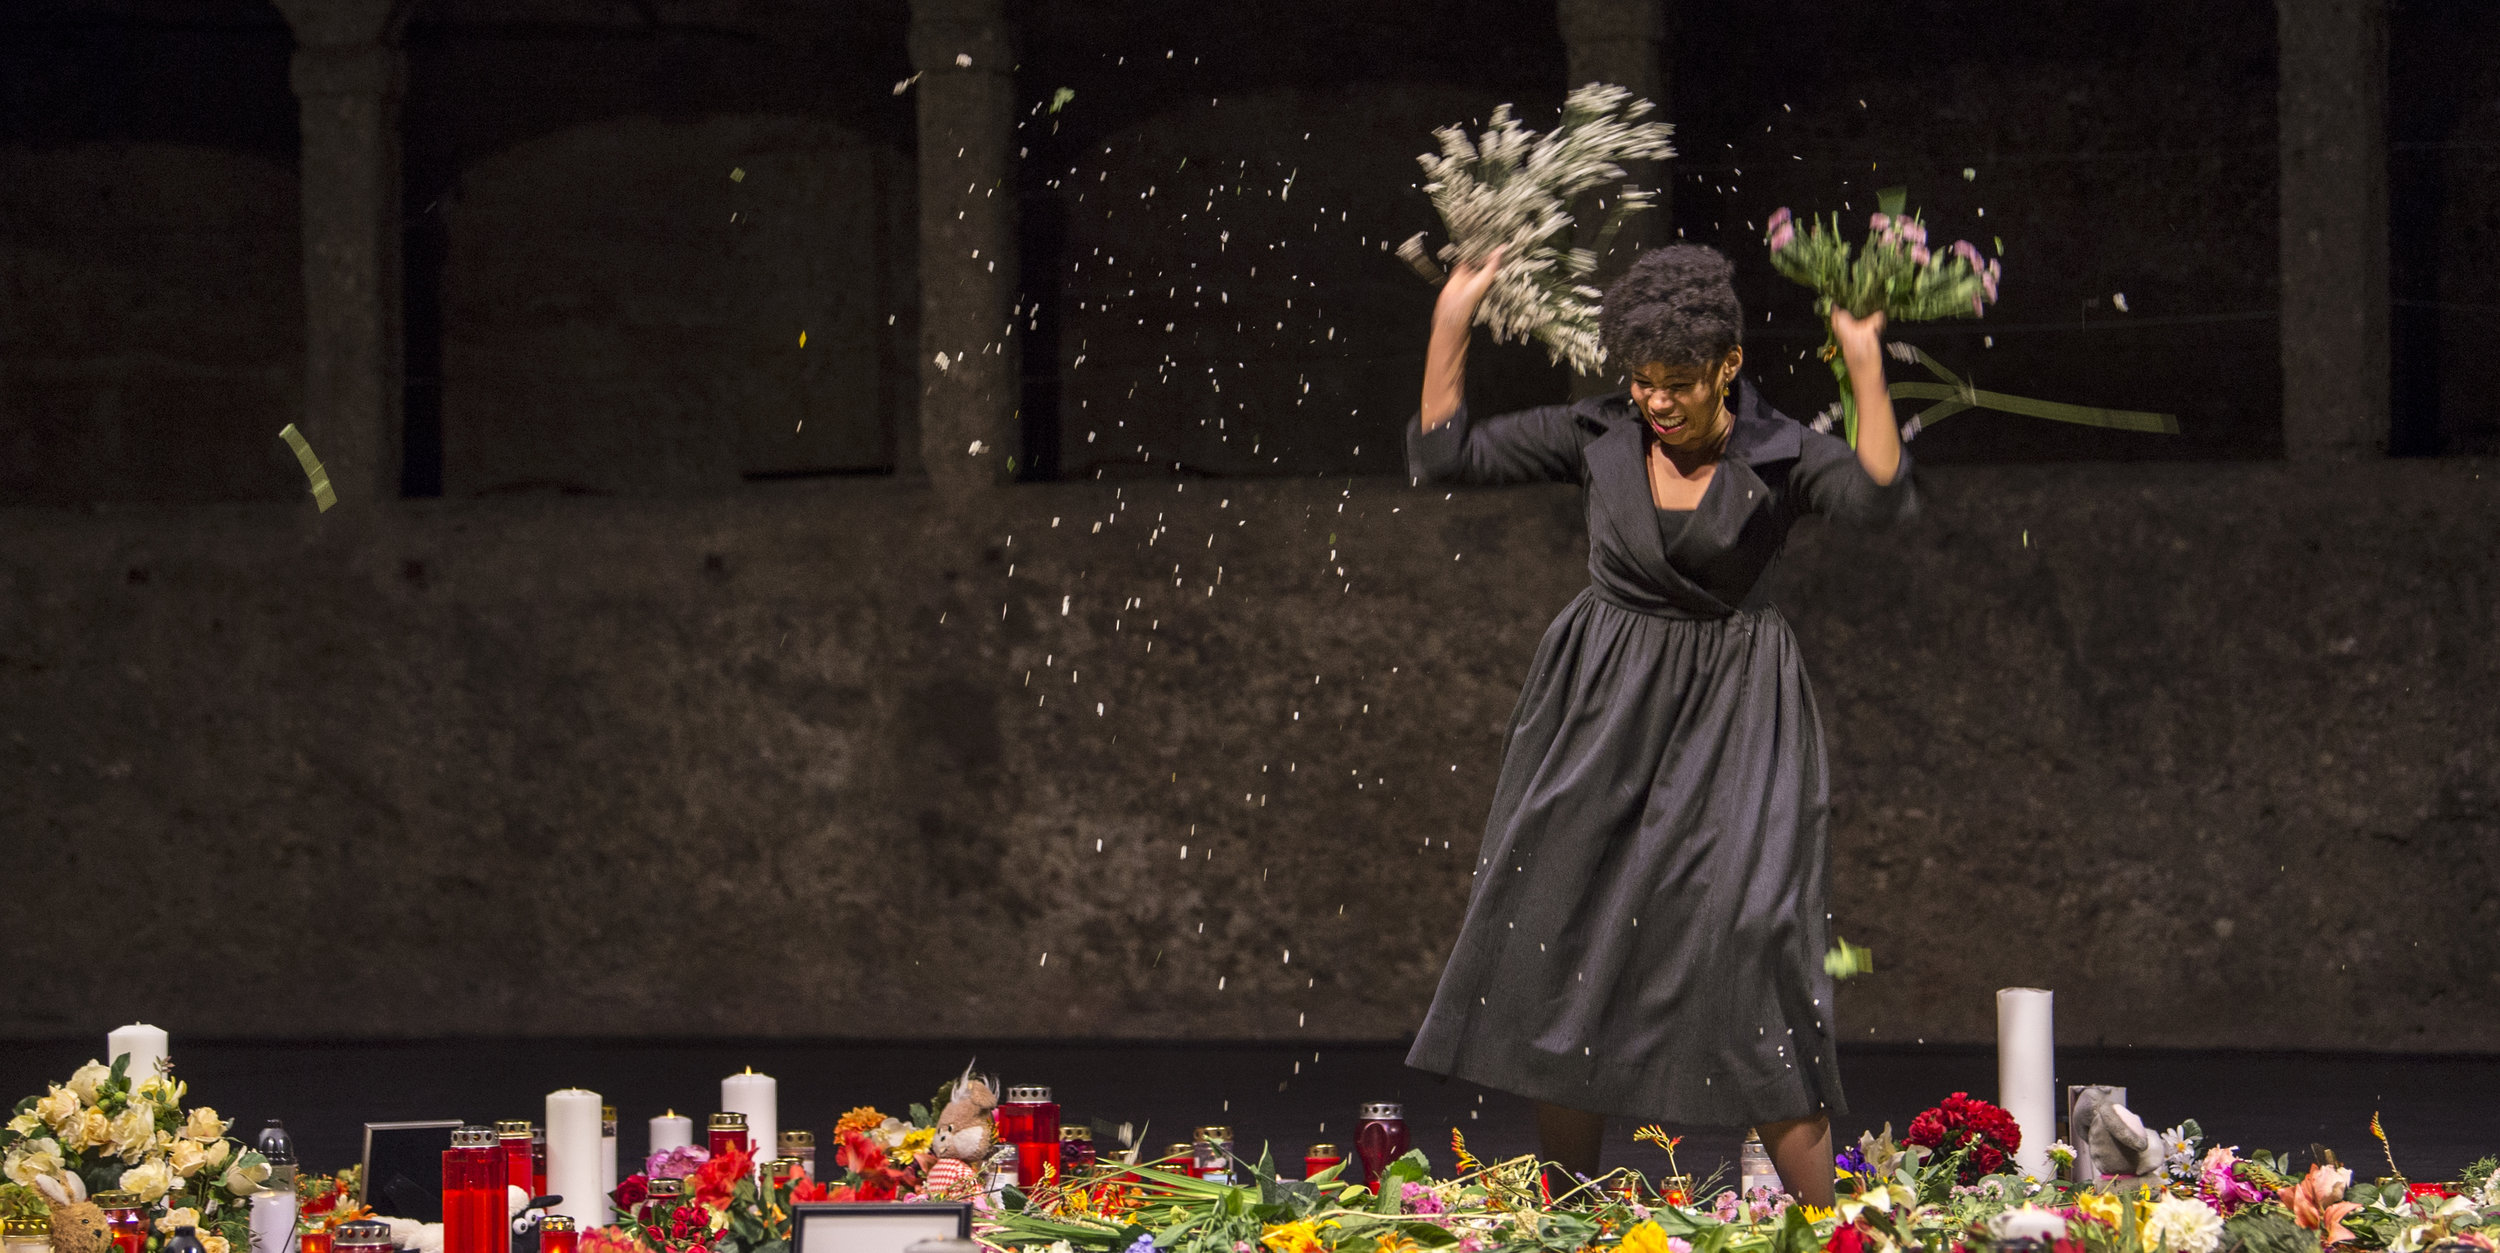 Vitellia in  La Clamenza Di Tito  at Salzburg Festival, 2017.  Photo by Ruth Walz